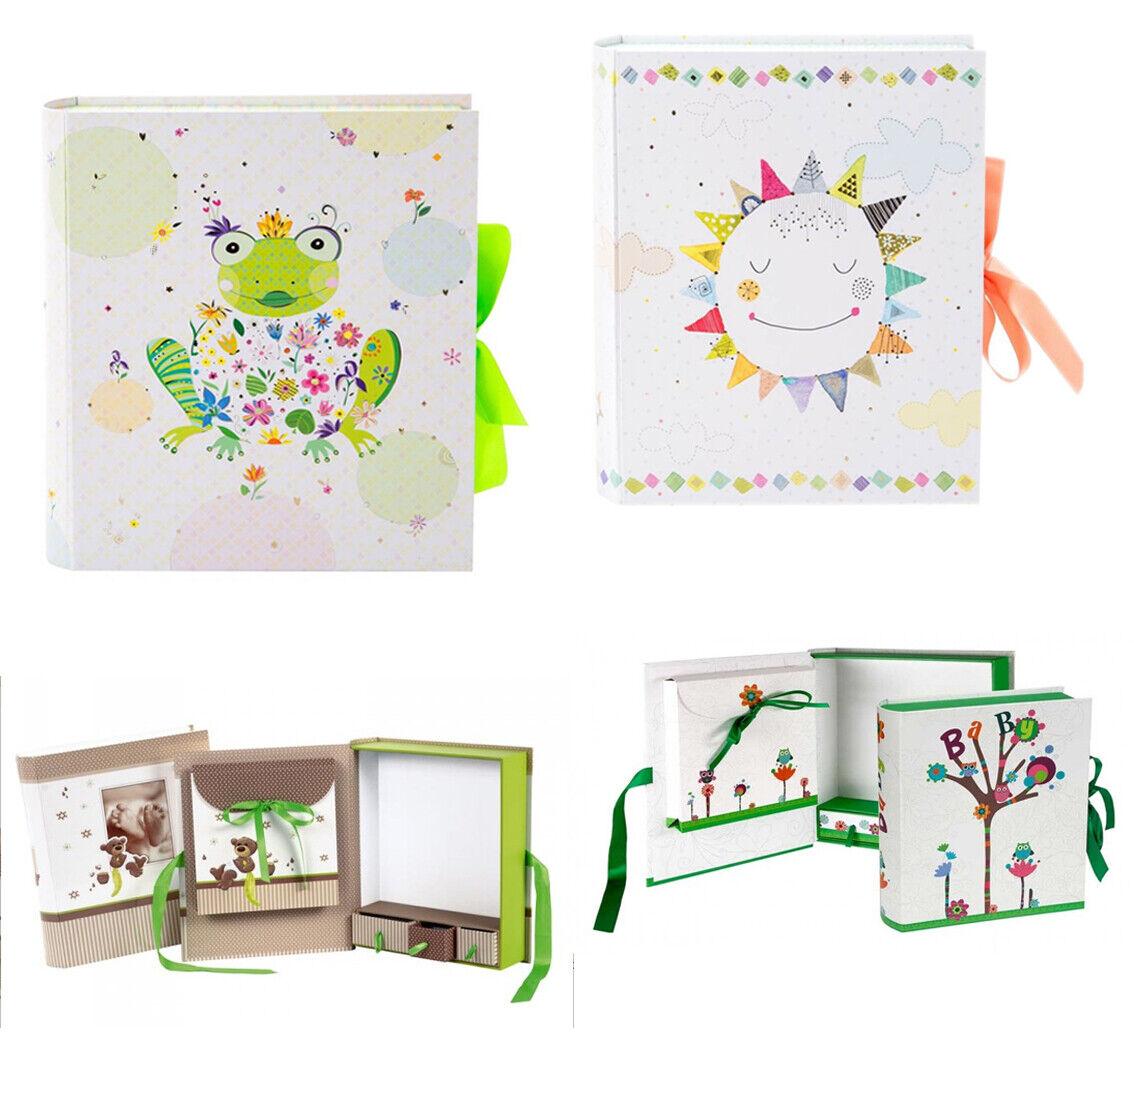 Babysammelbox Aufbewahrungsbox Baby von Goldbuch Große Auswahl